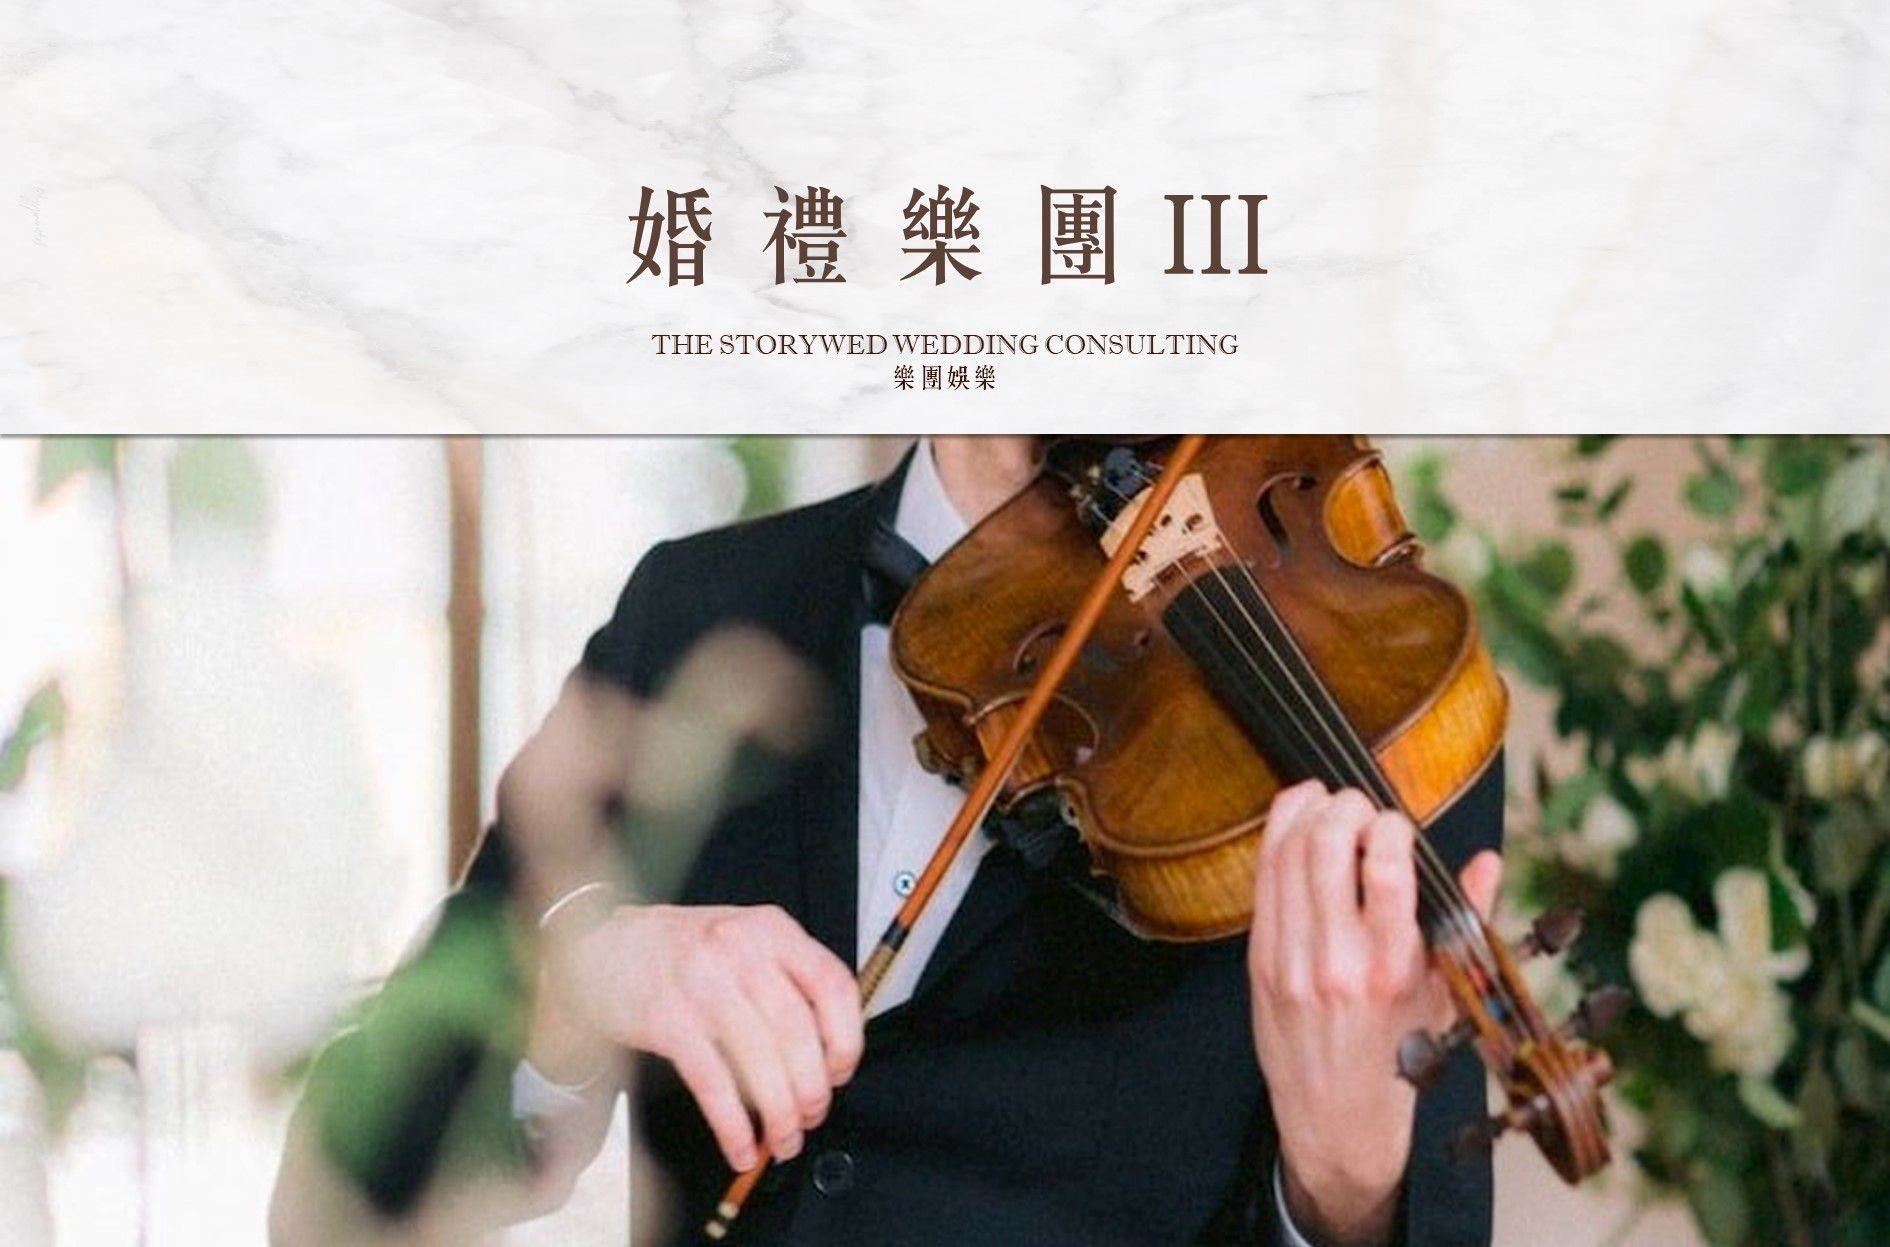 〖婚禮樂團〗Ⅲ - 新竹樂團,經典、流行的美好呈現